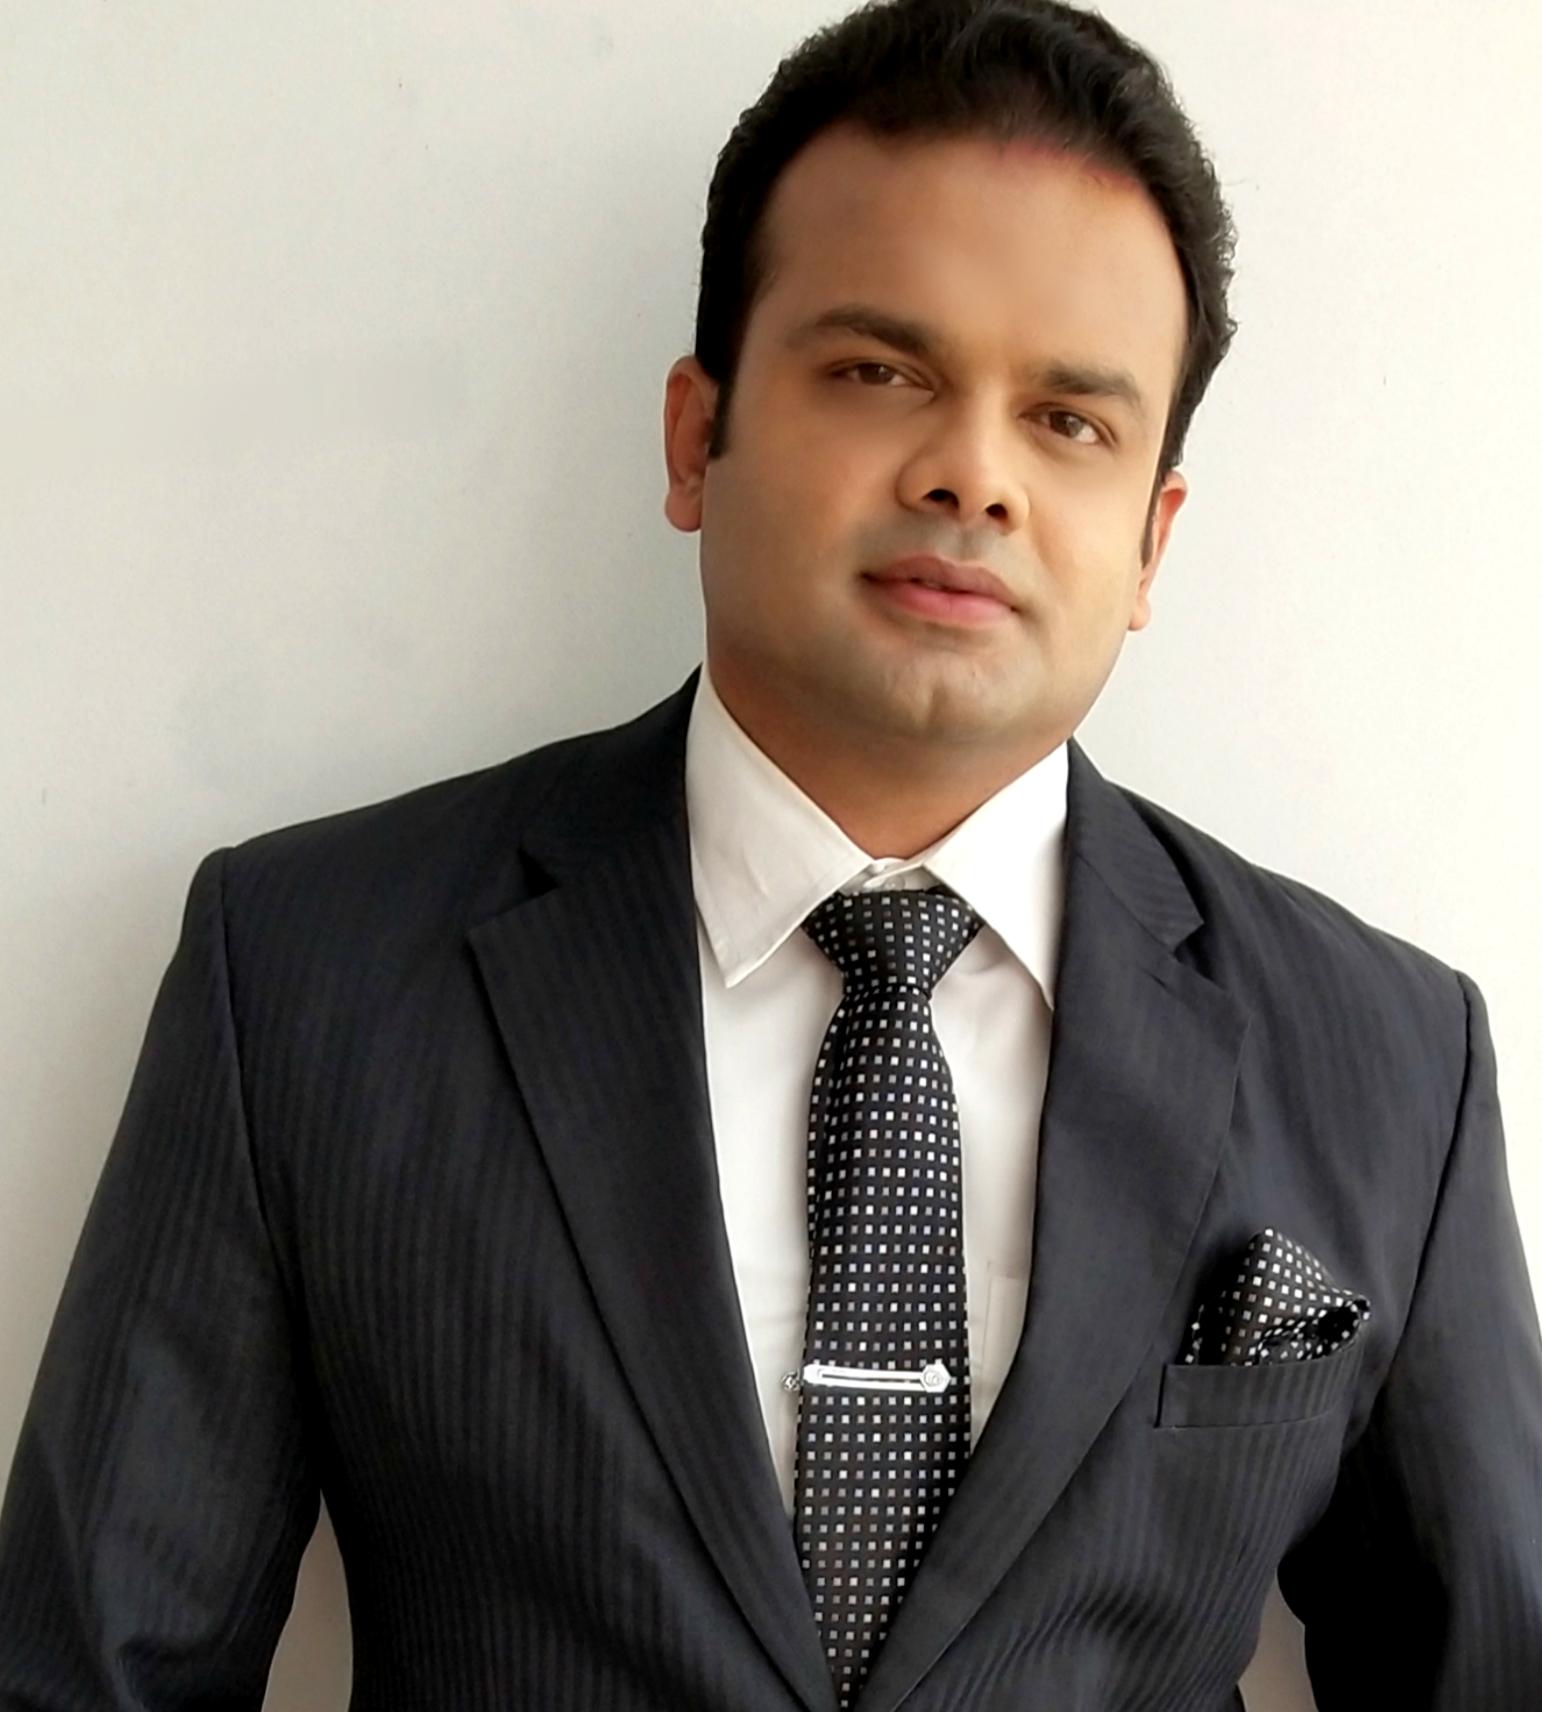 Mr Sujit S Nair FRSA